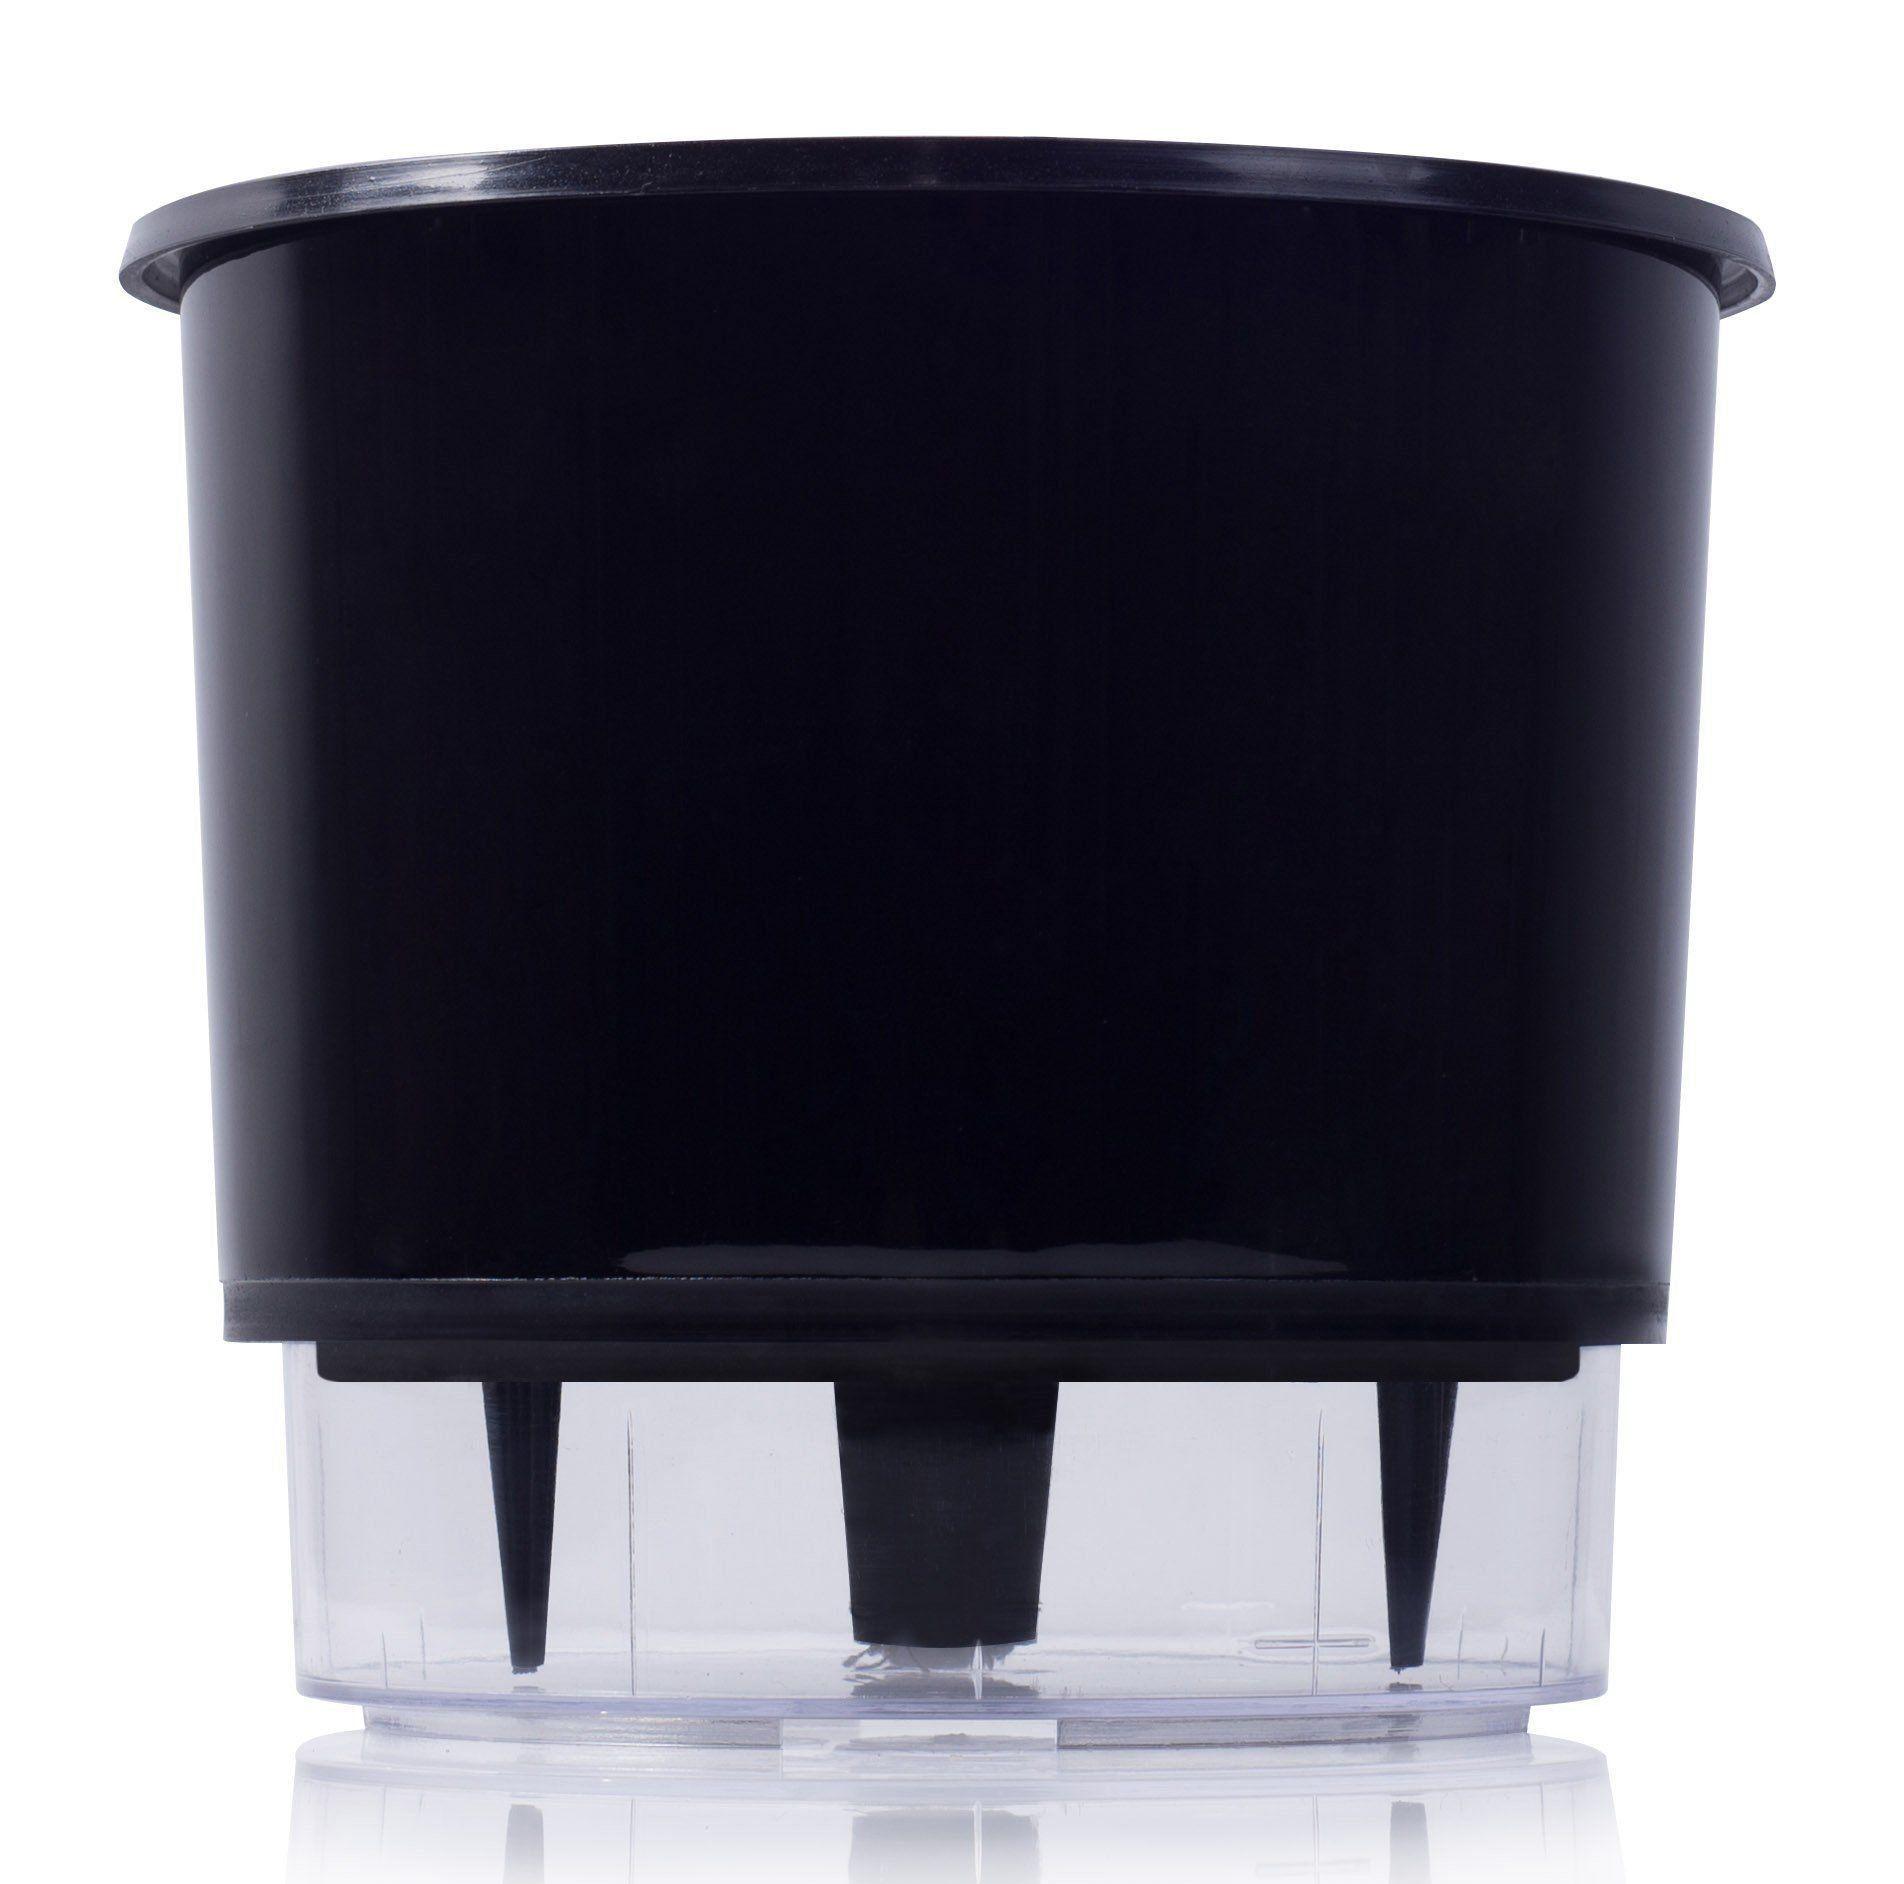 Kit Completo para plantio de Guaimbê com vaso autoirrigável Grande Preto